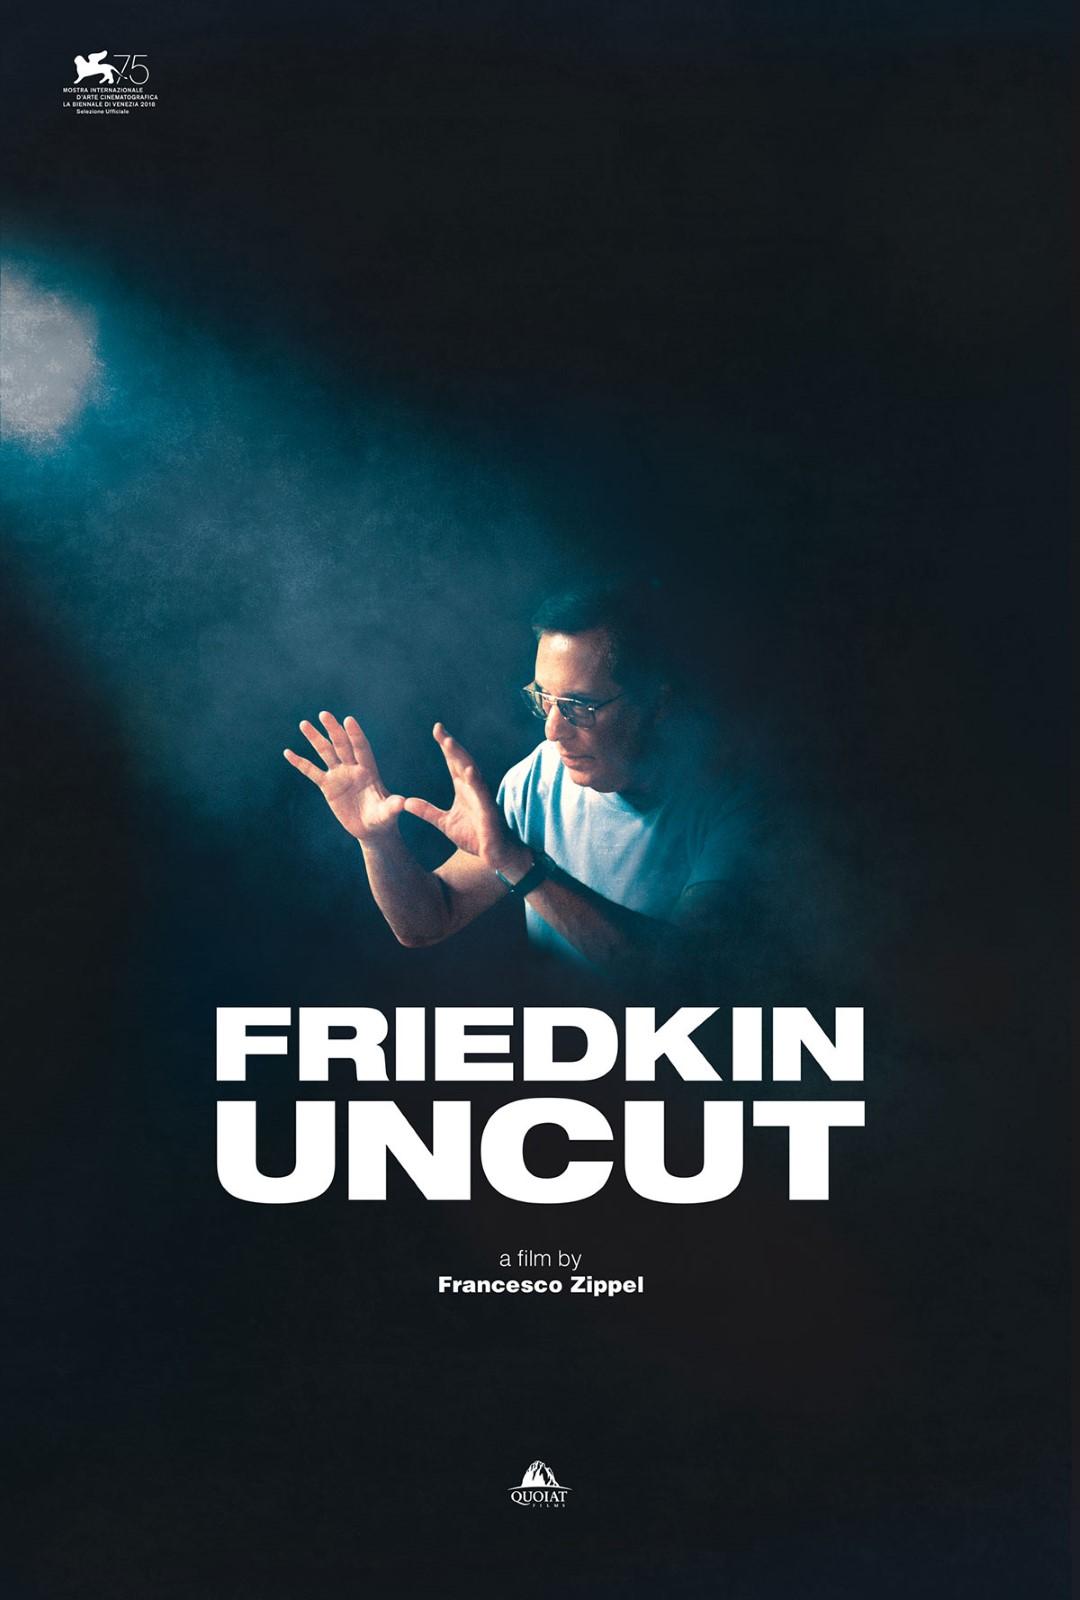 Friedkin Uncut - Film 2018 - FILMSTARTS.de